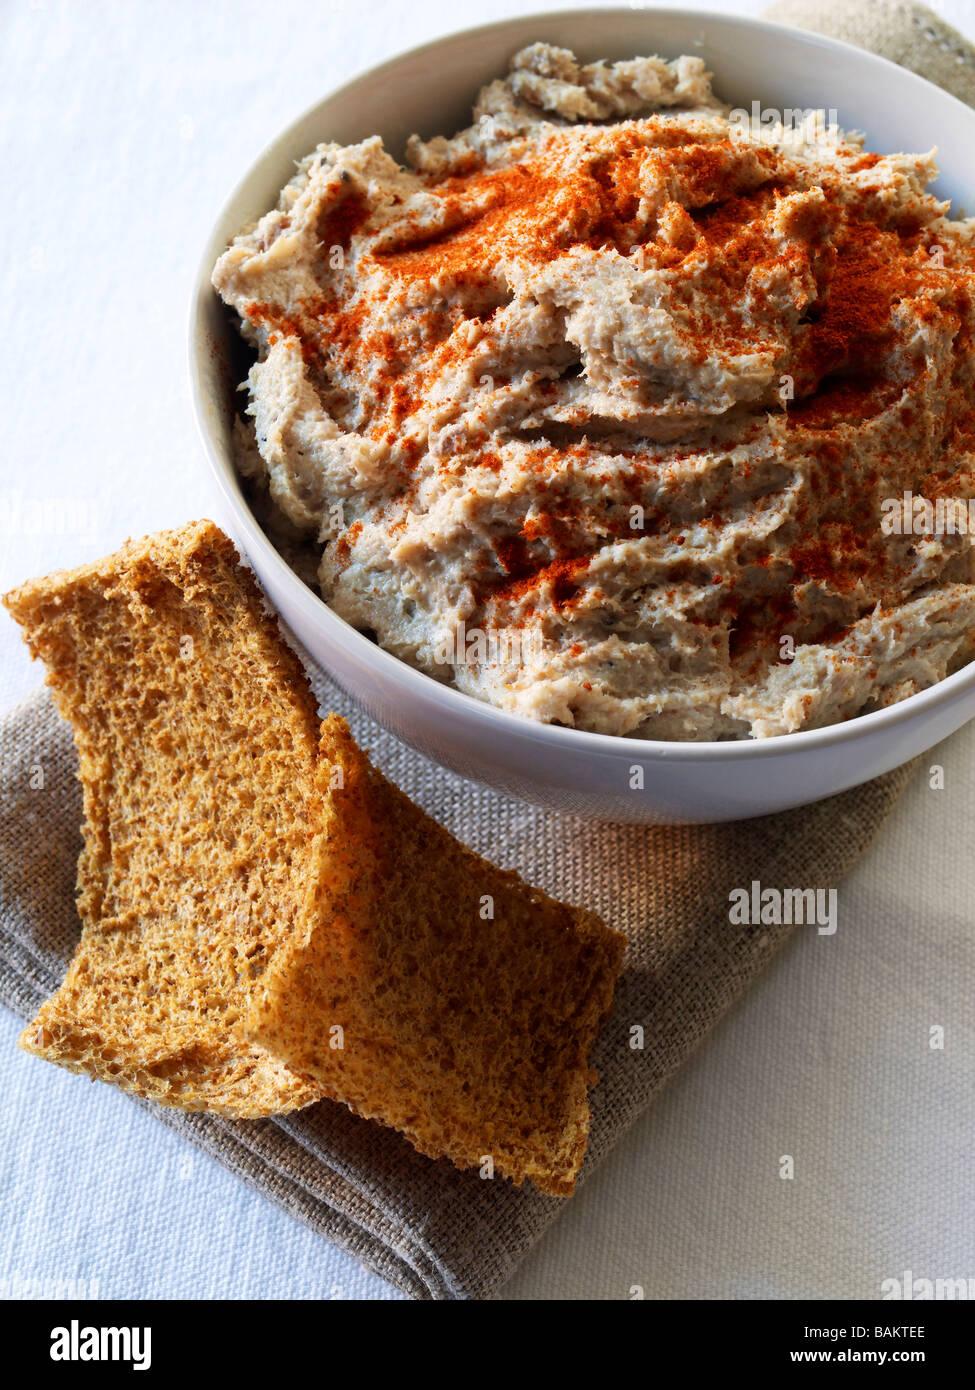 smoked fish pate - Stock Image